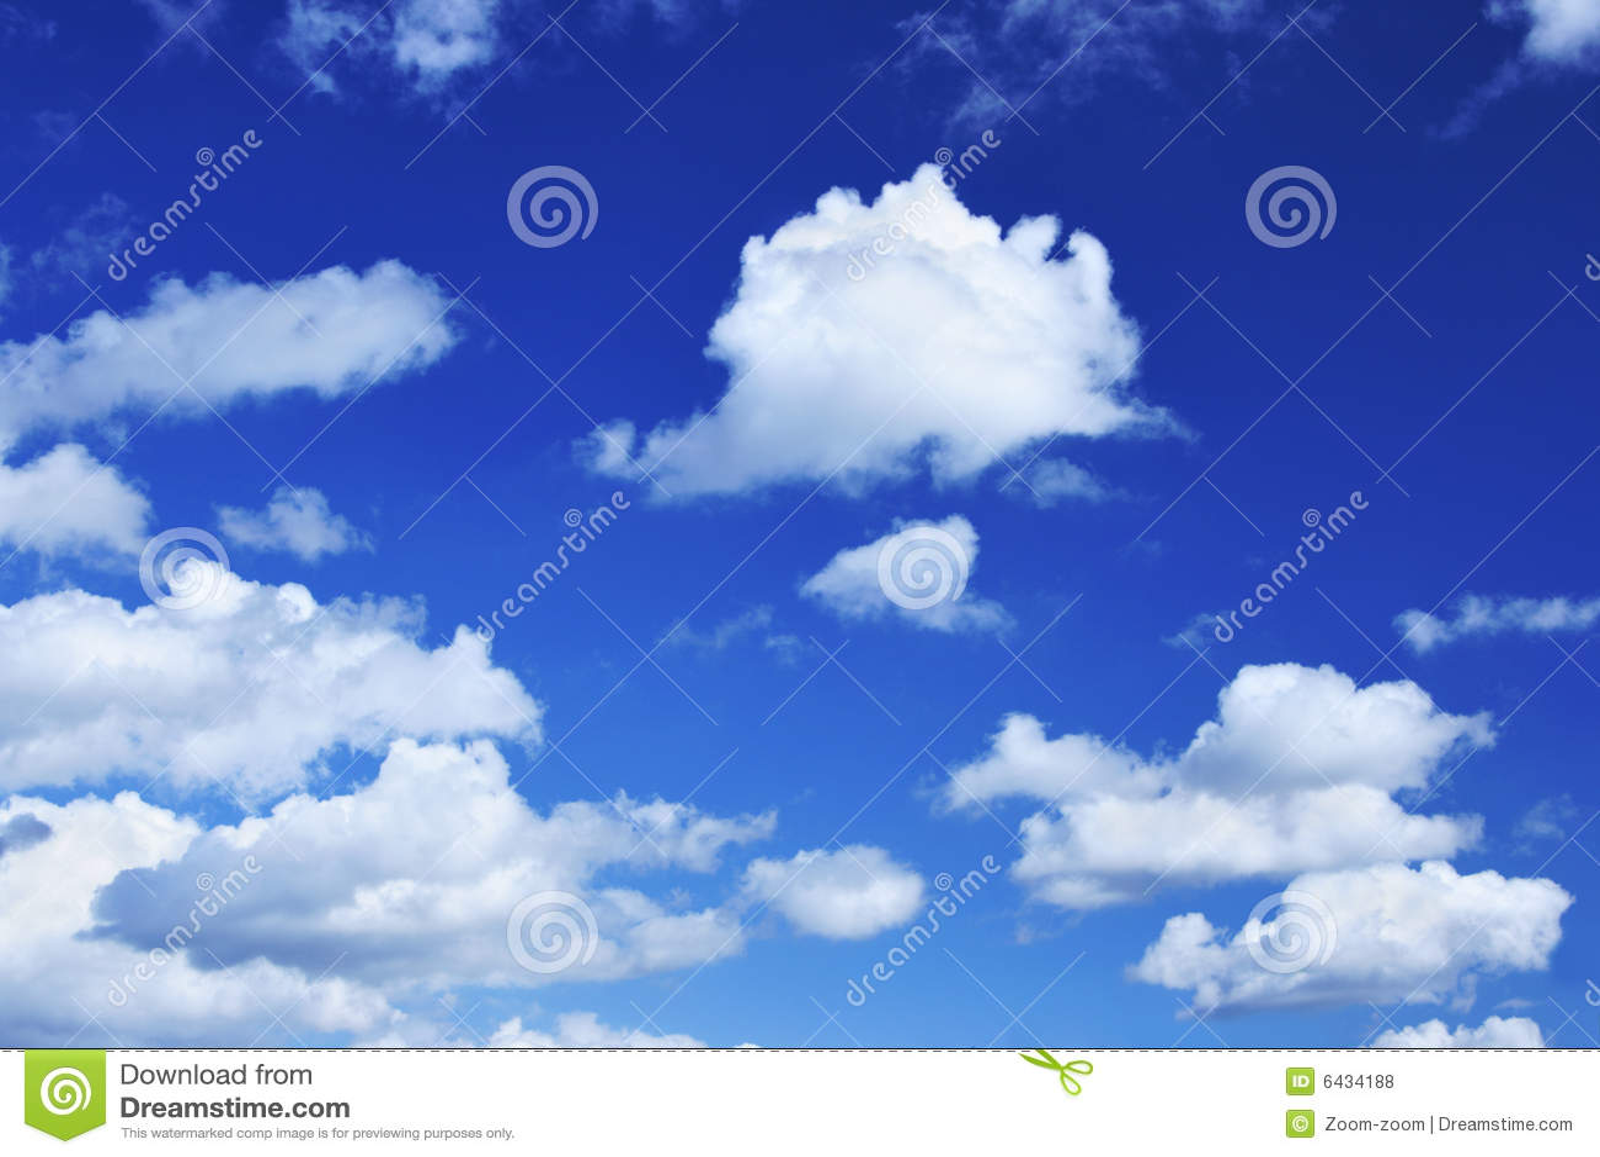 Tiefer Blauer Himmel Und Kleine Wolken Der Lots Stockfoto - Bild ...